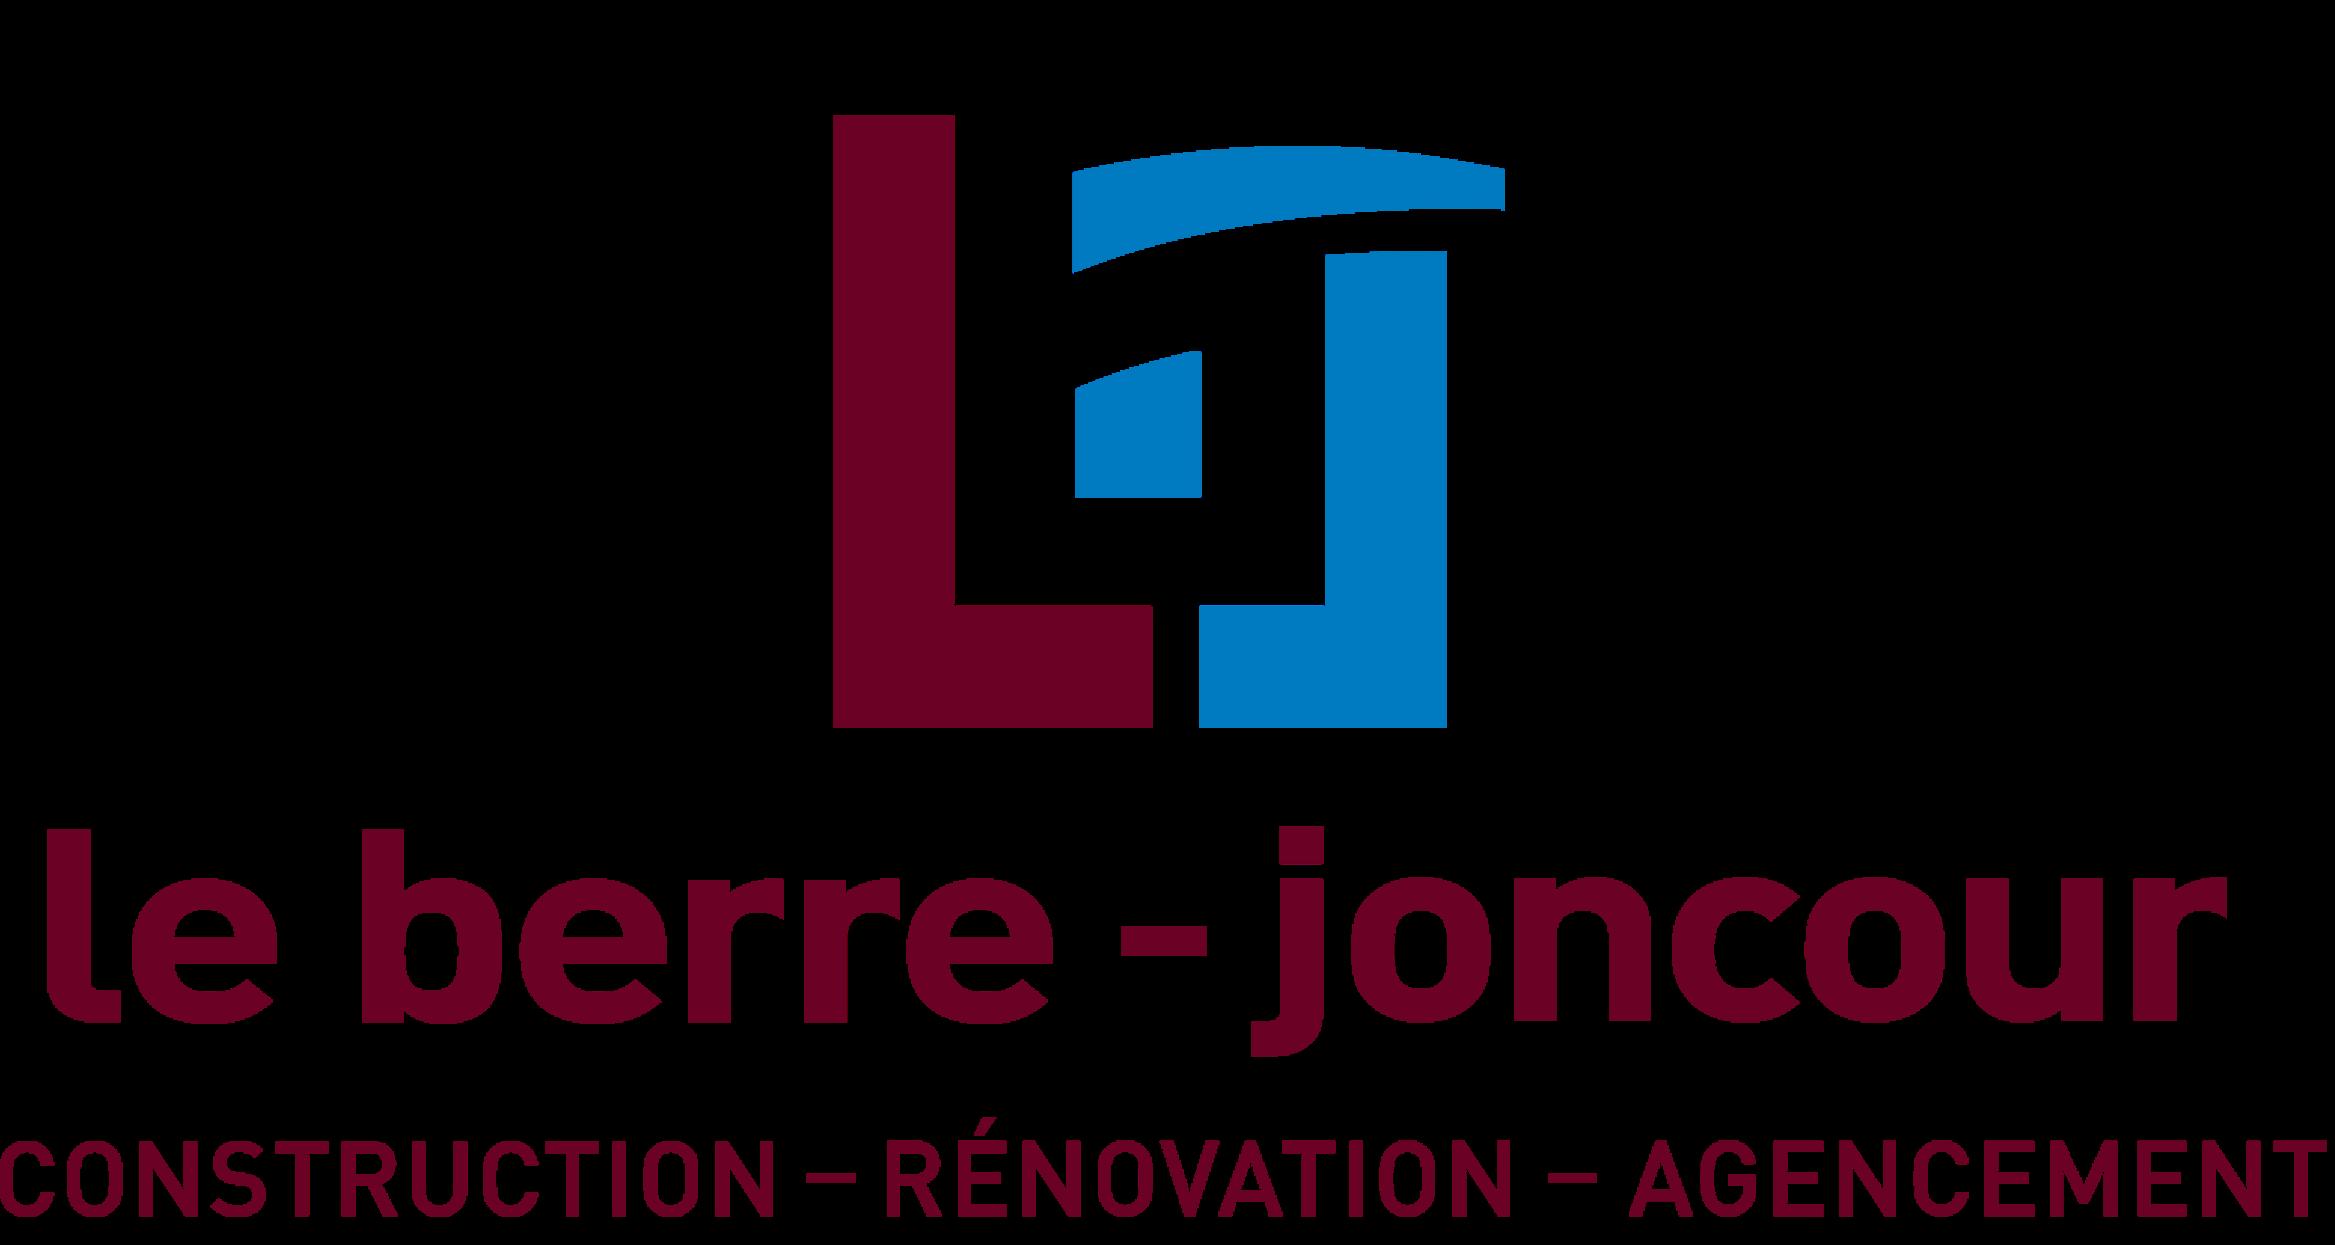 Le Berre Joncour